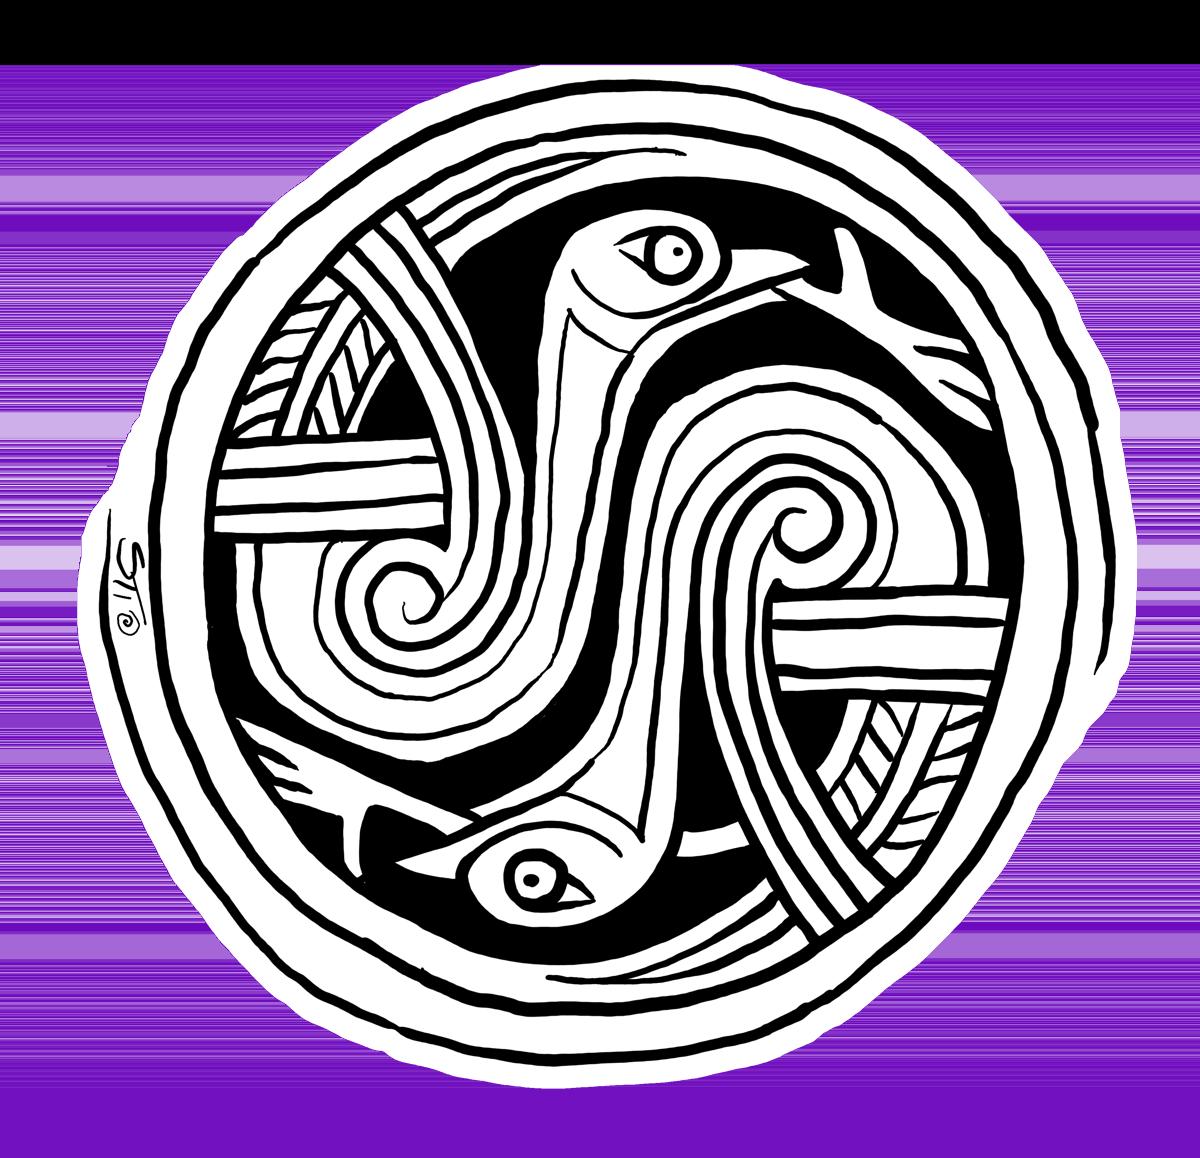 celtic art 2019 009